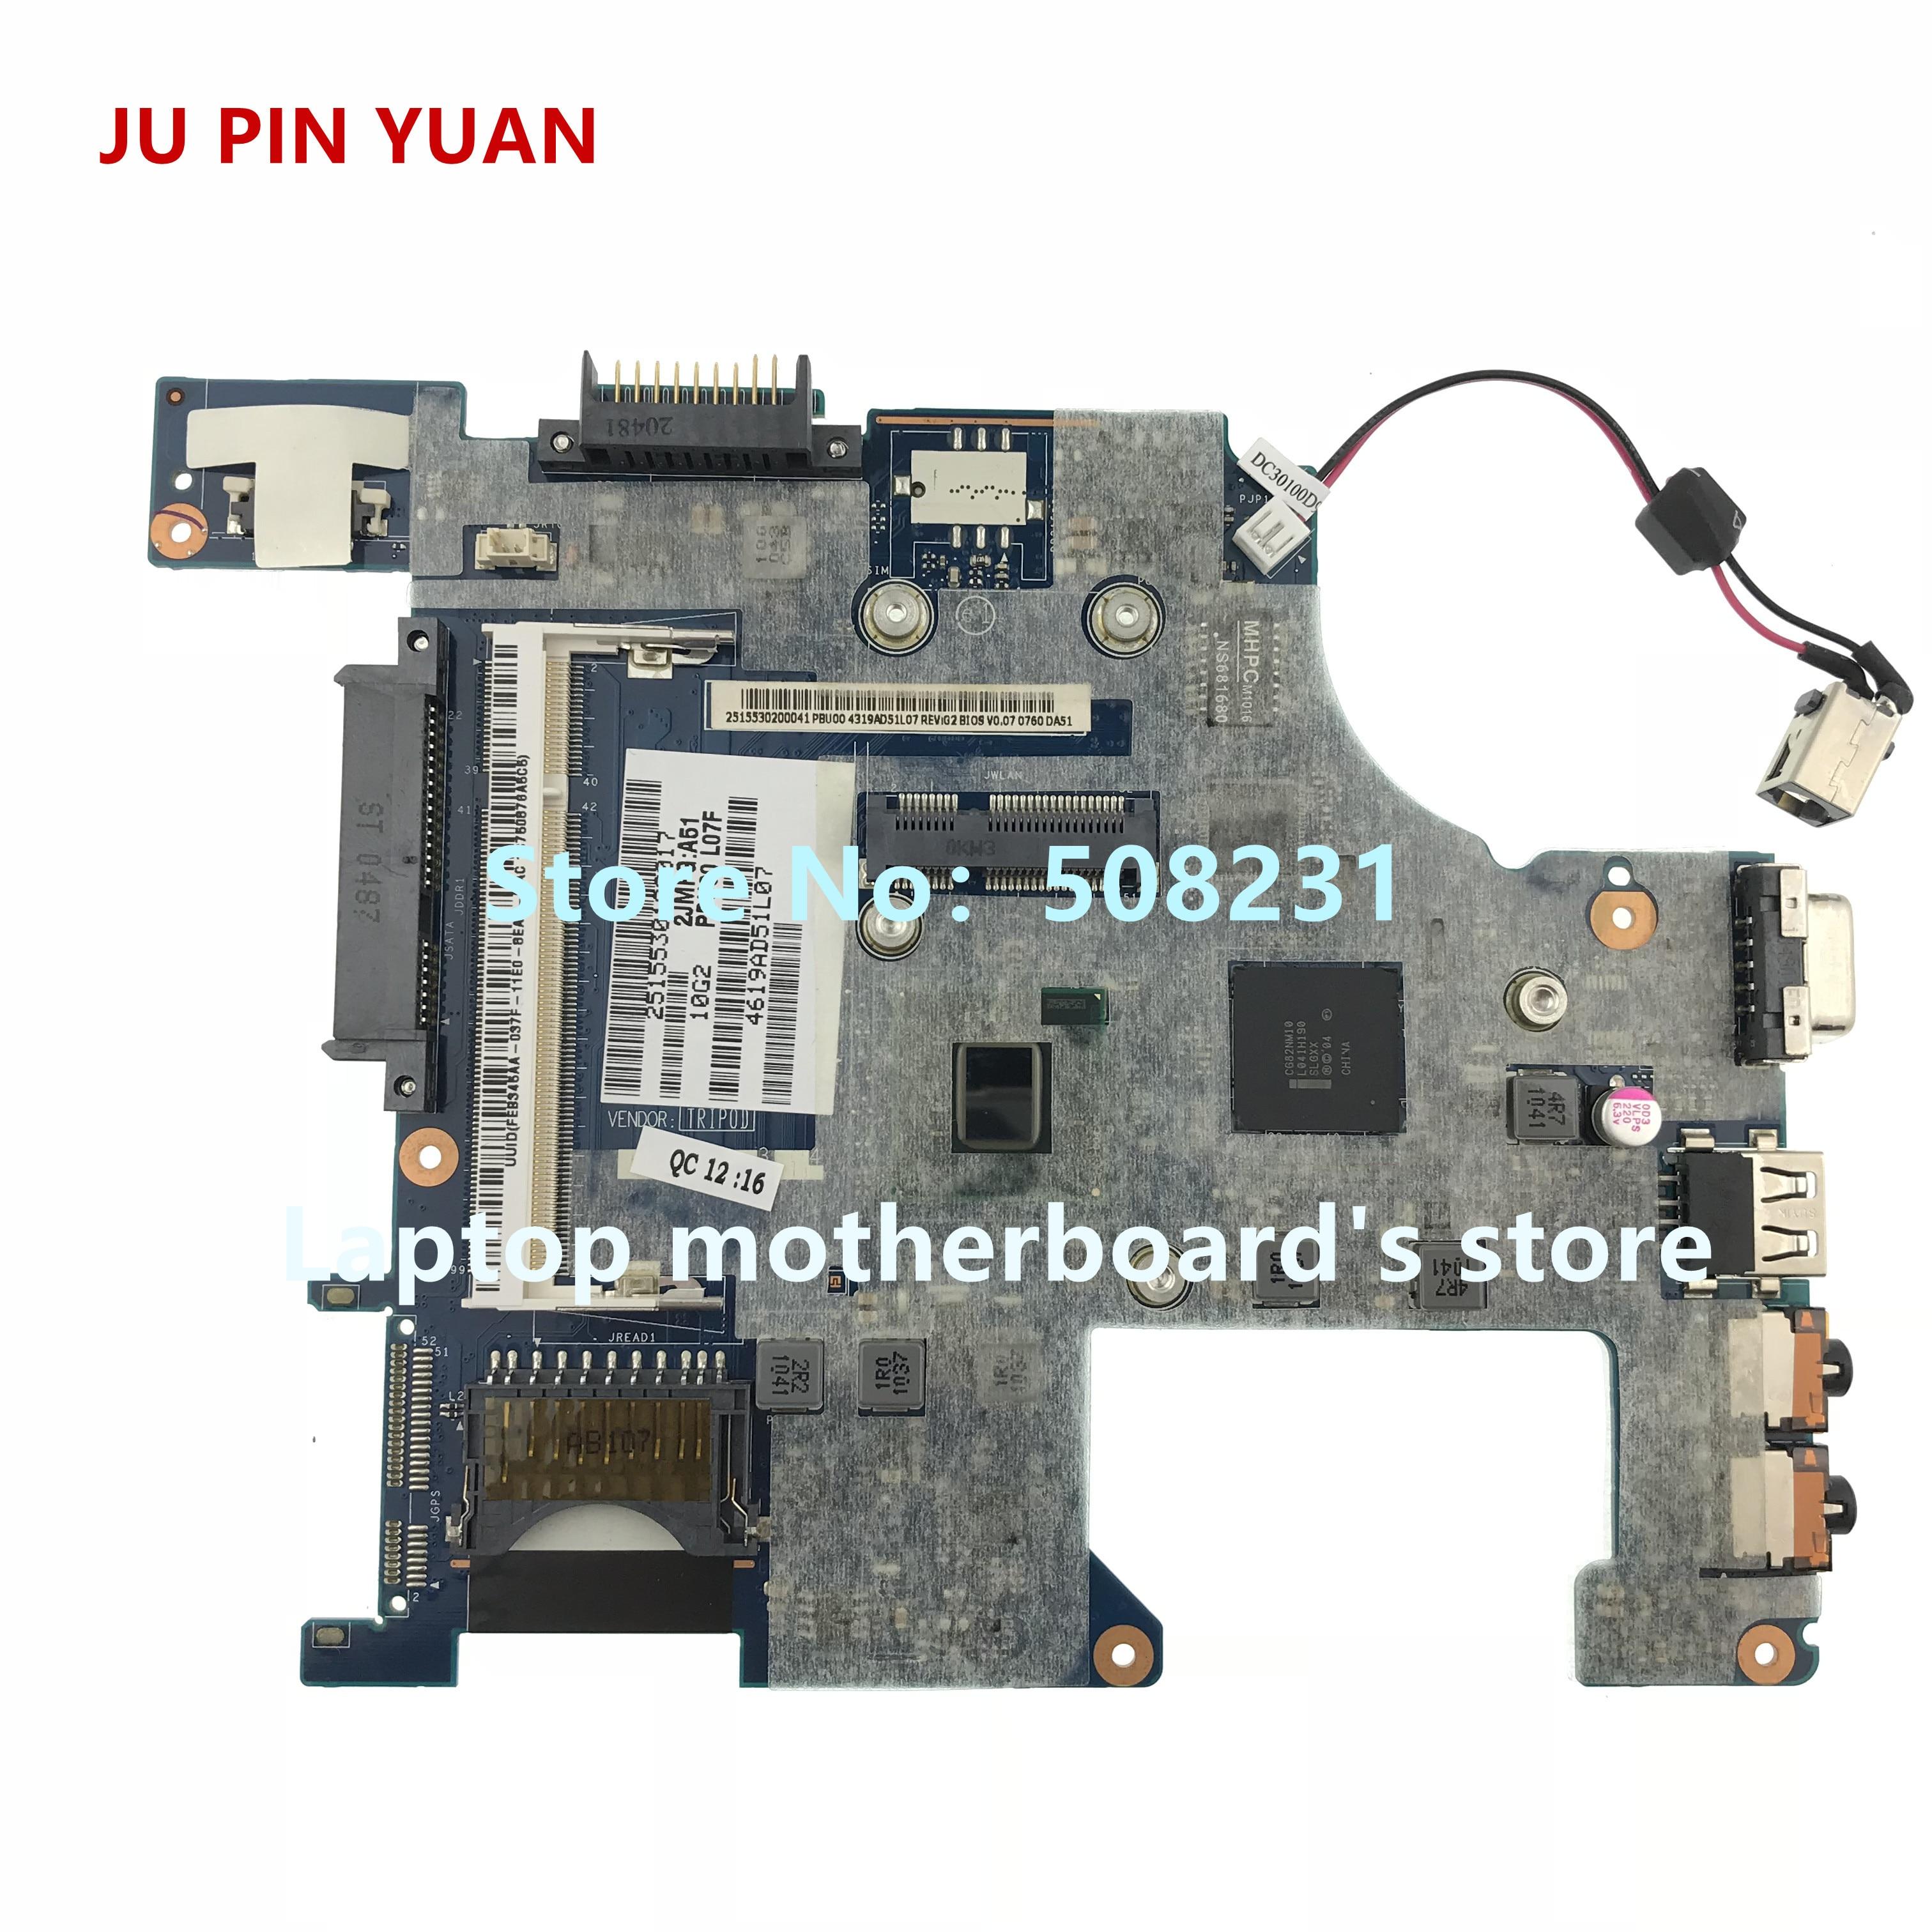 JU PIN YUAN For Toshiba Mini NB500 NB505 laptop Motherboard  K000114430 LA-6855P fully TestedJU PIN YUAN For Toshiba Mini NB500 NB505 laptop Motherboard  K000114430 LA-6855P fully Tested